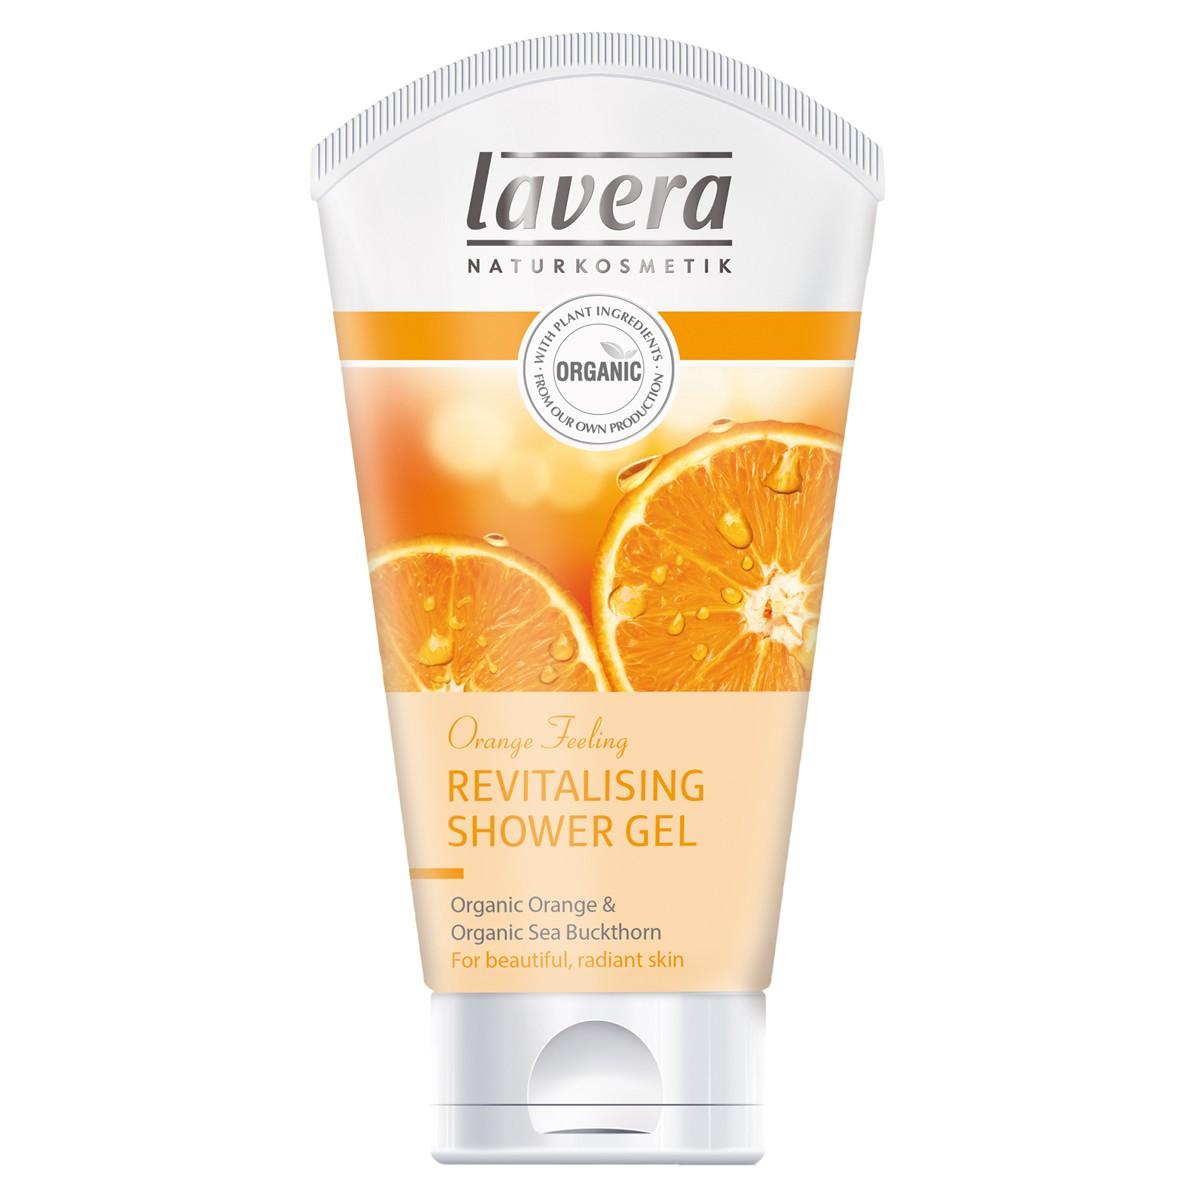 Lavera Organic Orange Feeling Shower & Bath Gel